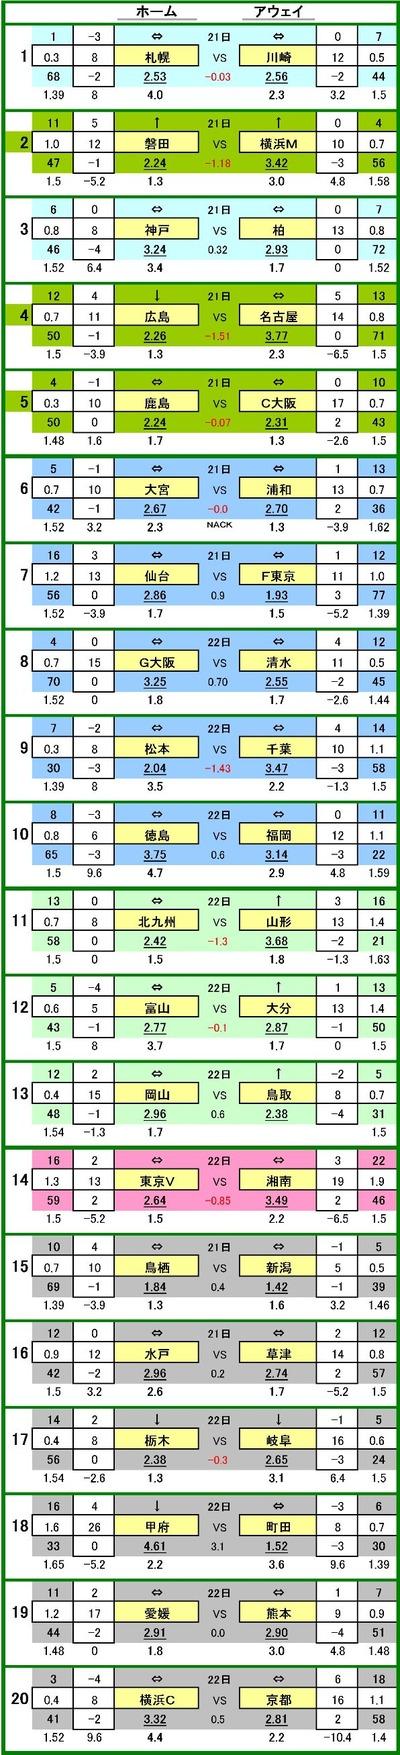 第558 回toto対戦データ一覧1 コンサドーレ札幌 VS 川崎フロンターレ 23.9 % 44.1 % 32.0 %2 ジュビロ磐田 VS 横浜F・マリノス 40.0 % 18.5 % 41.5 %3 ヴィッセル神戸 VS 柏レイソル 34.3 % 37.1 % 28.6 %4 サンフレッチェ広島 VS 名古屋グランパス 40.0 % 15.8 % 44.2 %5 鹿島アントラーズ VS セレッソ大阪 24.5 % 43.2 % 32.3 %6 大宮アルディージャ VS 浦和レッズ 23.7 % 44.4 % 31.9 %7 ベガルタ仙台 VS FC東京 39.4 % 21.8 % 38.8 %8 ガンバ大阪 VS 清水エスパルス 37.5 % 27.5 % 35.0 %9 松本山雅 VS ジェフ千葉 40.0 % 16.4 % 43.6 %10 徳島ヴォルティス VS アビスパ福岡 36.7 % 29.8 % 33.5 %11 ギラヴァンツ北九州 VS モンテディオ山形 40.0 % 17.9 % 42.1 %12 カターレ富山 VS 大分トリニータ 25.0 % 42.5 % 32.5 %13 ファジアーノ岡山 VS ガイナーレ鳥取 36.5 % 30.6 % 32.9 %14 東京ヴェルディ VS 湘南ベルマーレ 37.6 % 23.6 % 38.8 %15 サガン鳥栖 VS アルビレックス新潟 35.2 % 34.4 % 30.4 %16 水戸ホーリーホック VS ザスパ草津 33.6 % 39.3 % 27.1 %17 栃木SC VS FC岐阜 27.9 % 38.2 % 33.9 %18 ヴァンフォーレ甲府 VS FC町田ゼルビア 48.8 % 11.3 % 40.0 %19 愛媛FC VS ロアッソ熊本 31.8 % 44.7 % 23.5 %20 横浜FC VS 京都サンガ 35.9 % 32.3 % 31.8 %